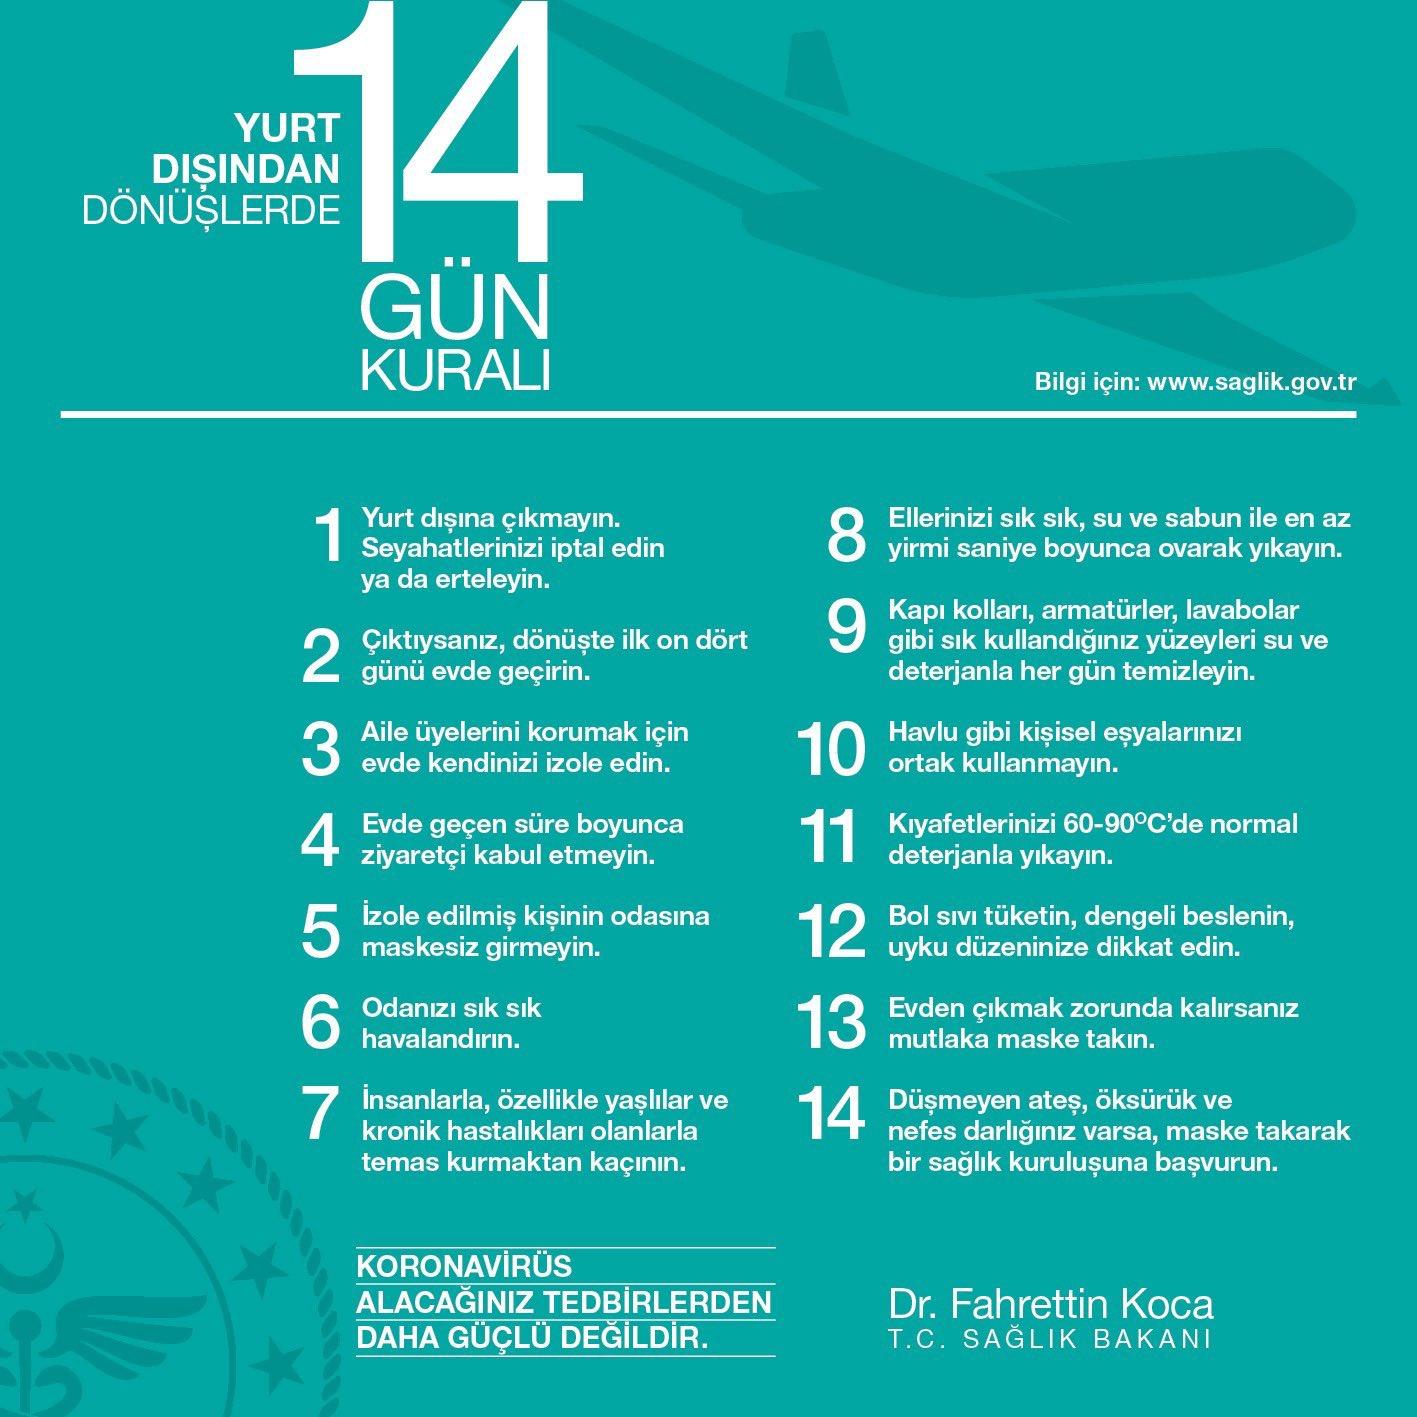 14 gun kurali